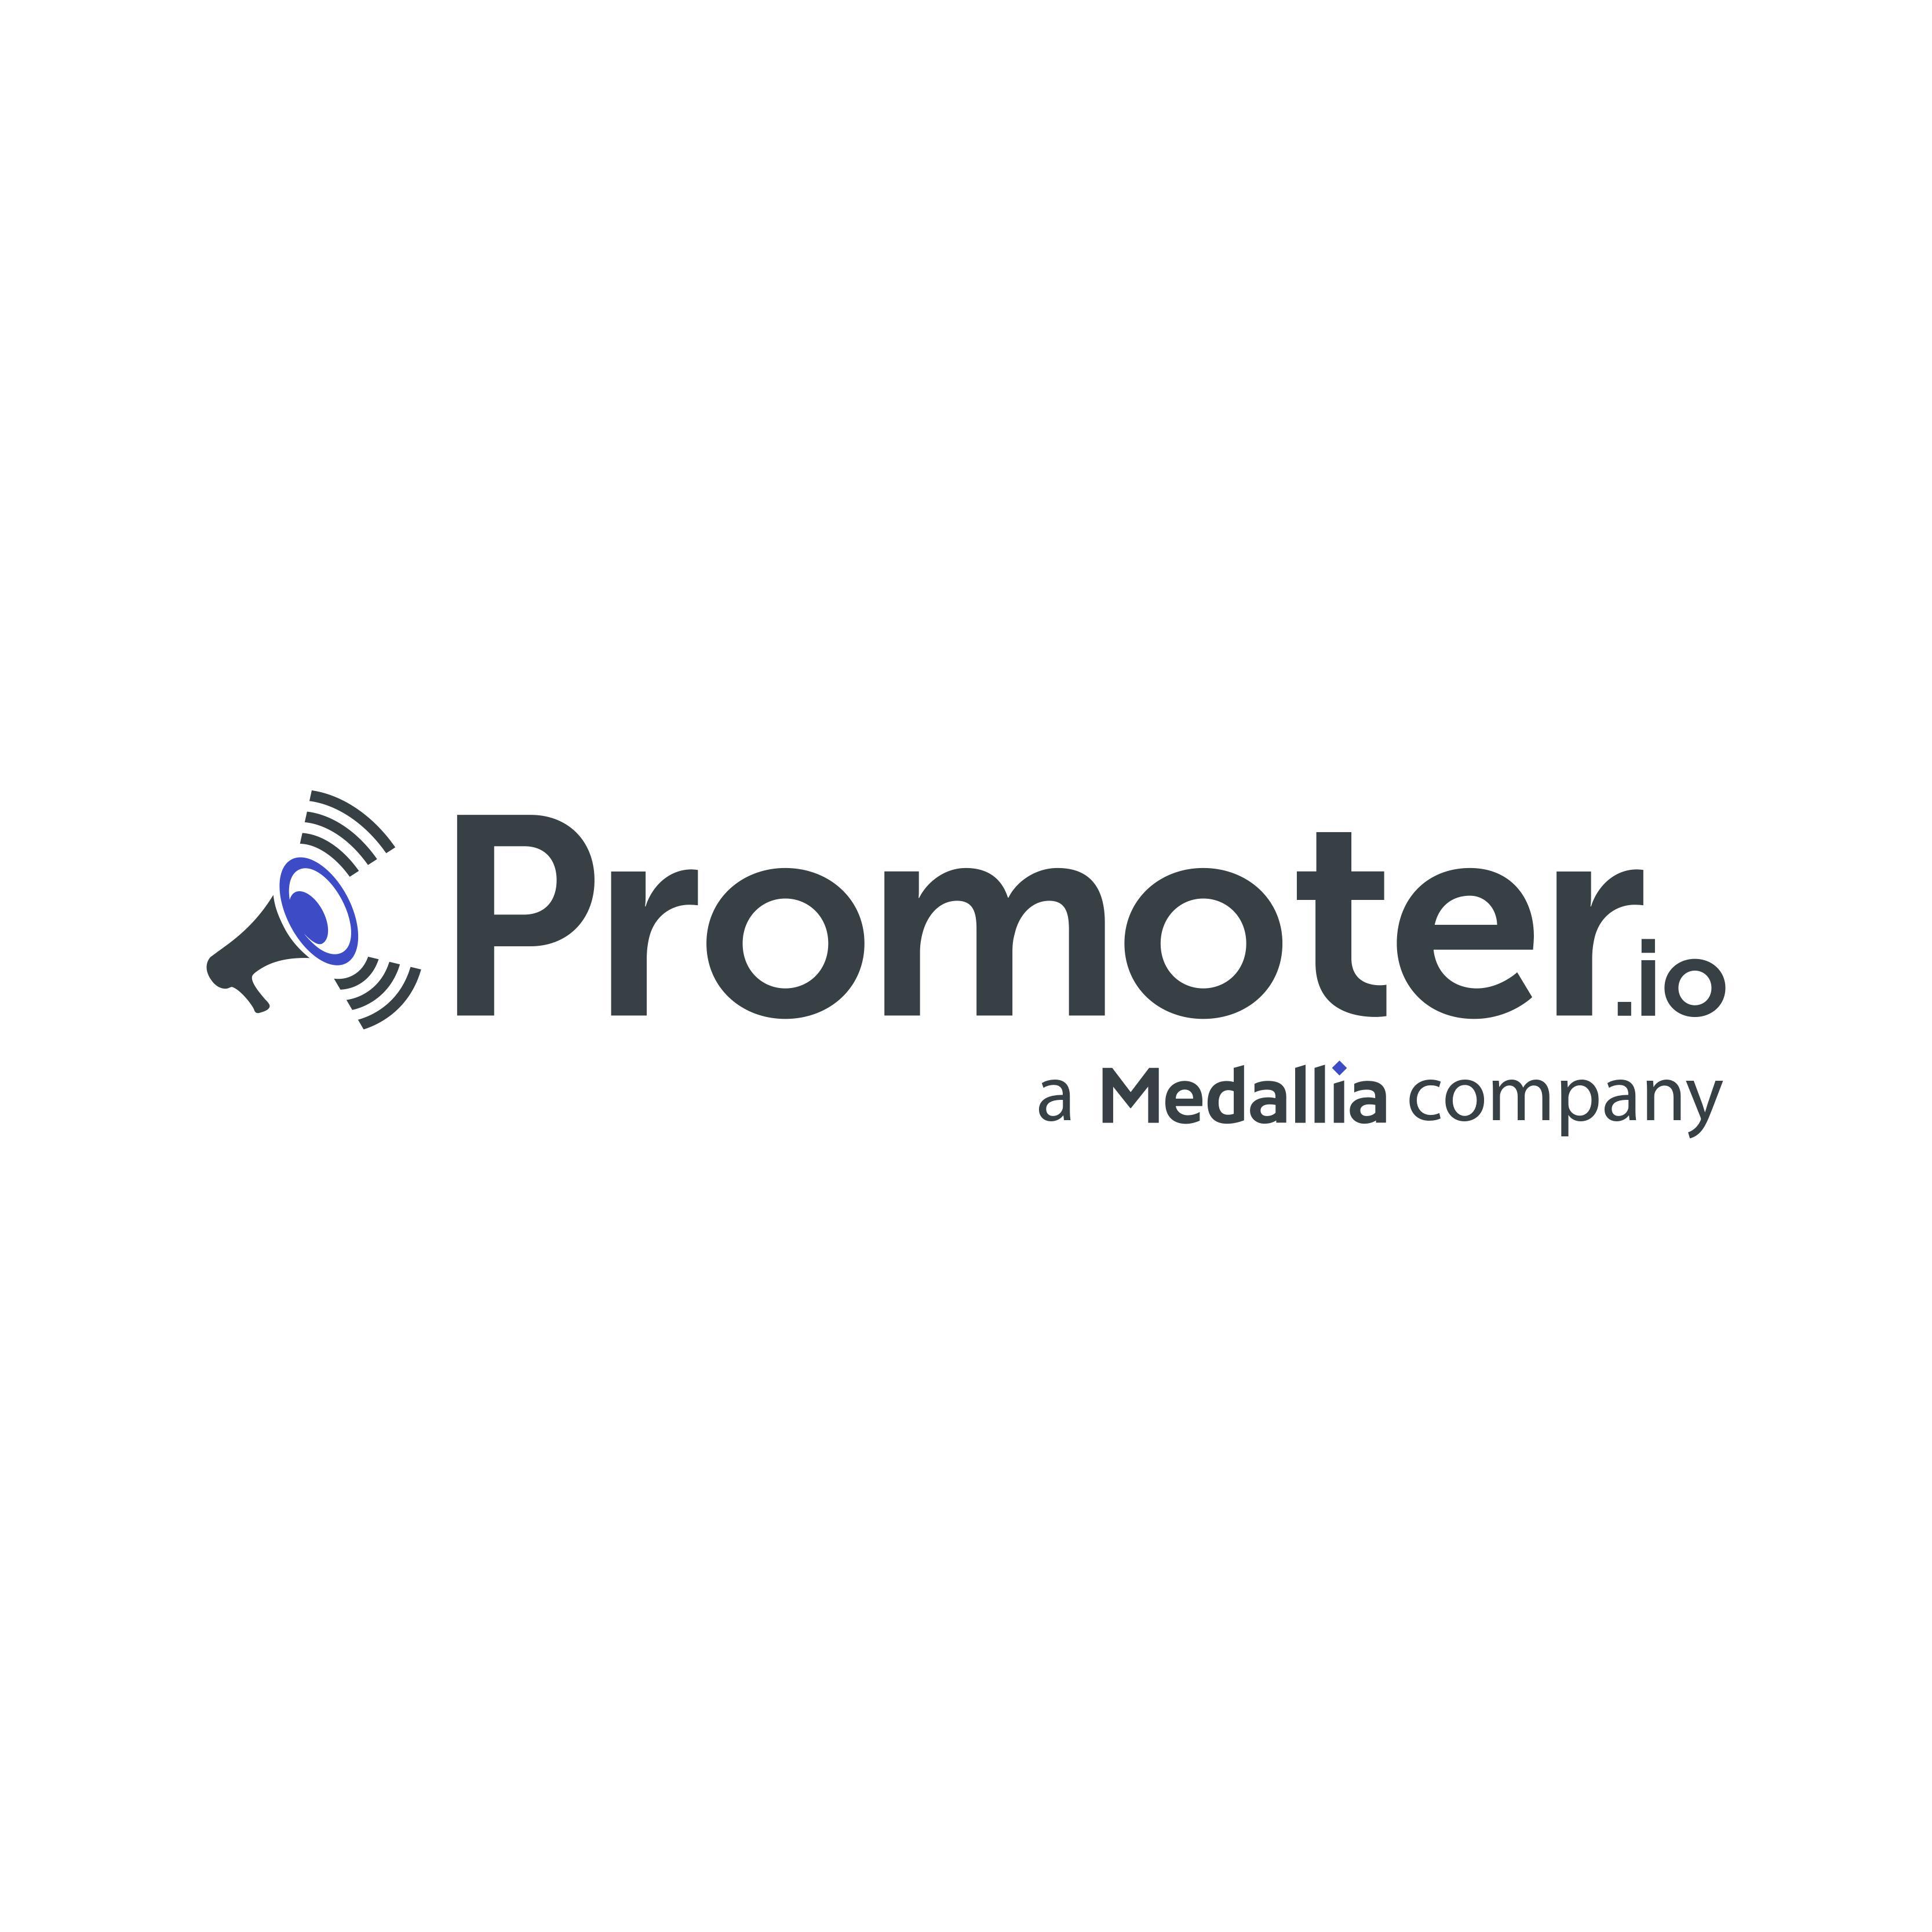 Promoter.io logo